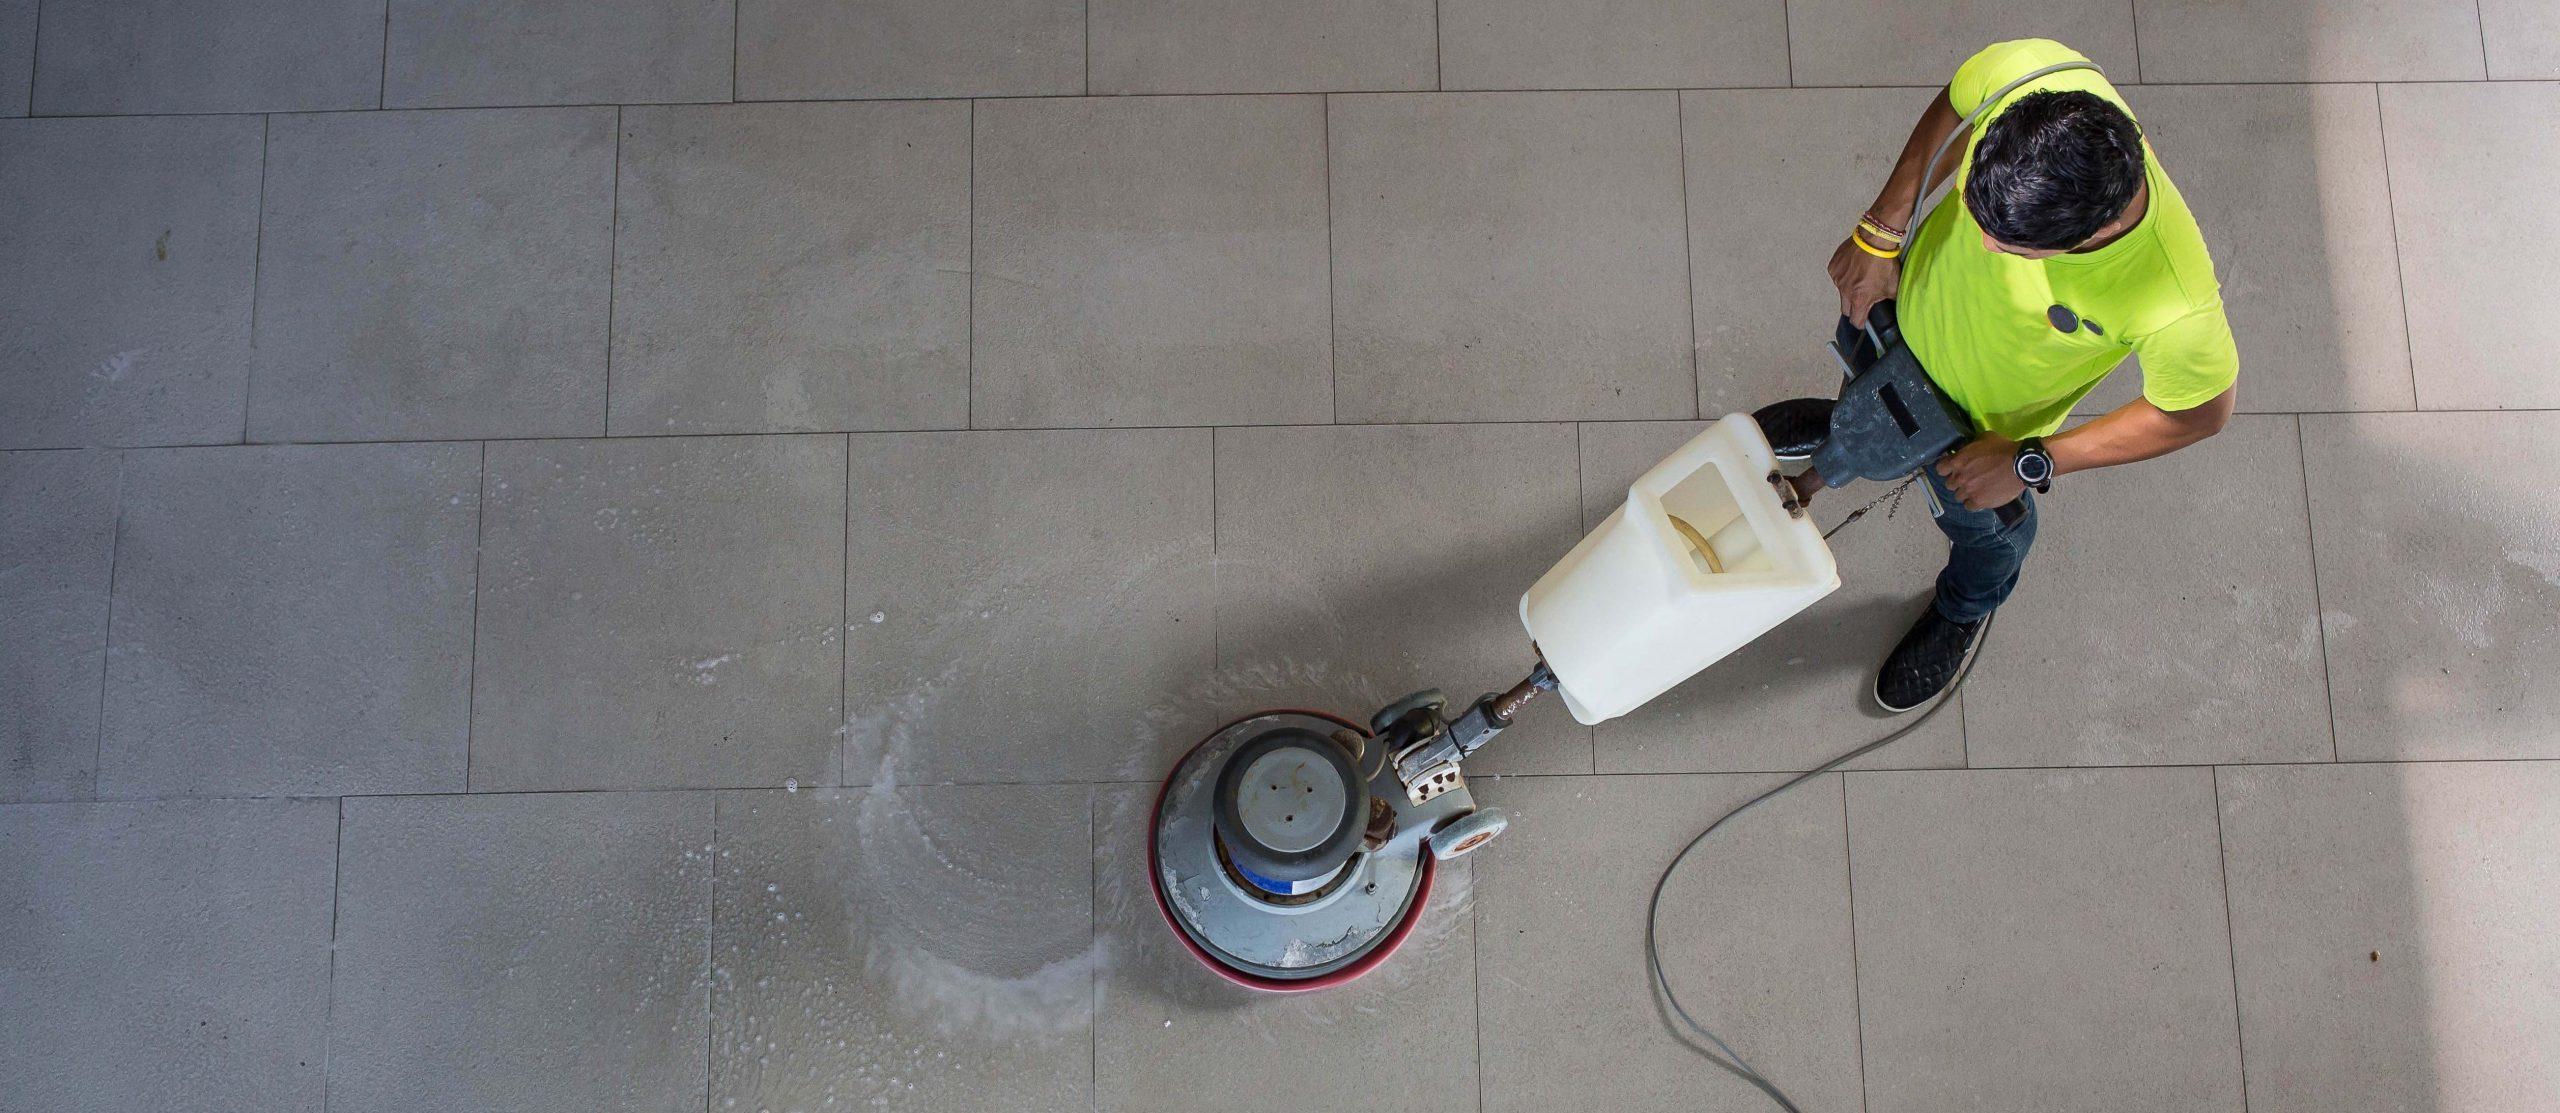 PJP HERO _ FLOOR CLEANING